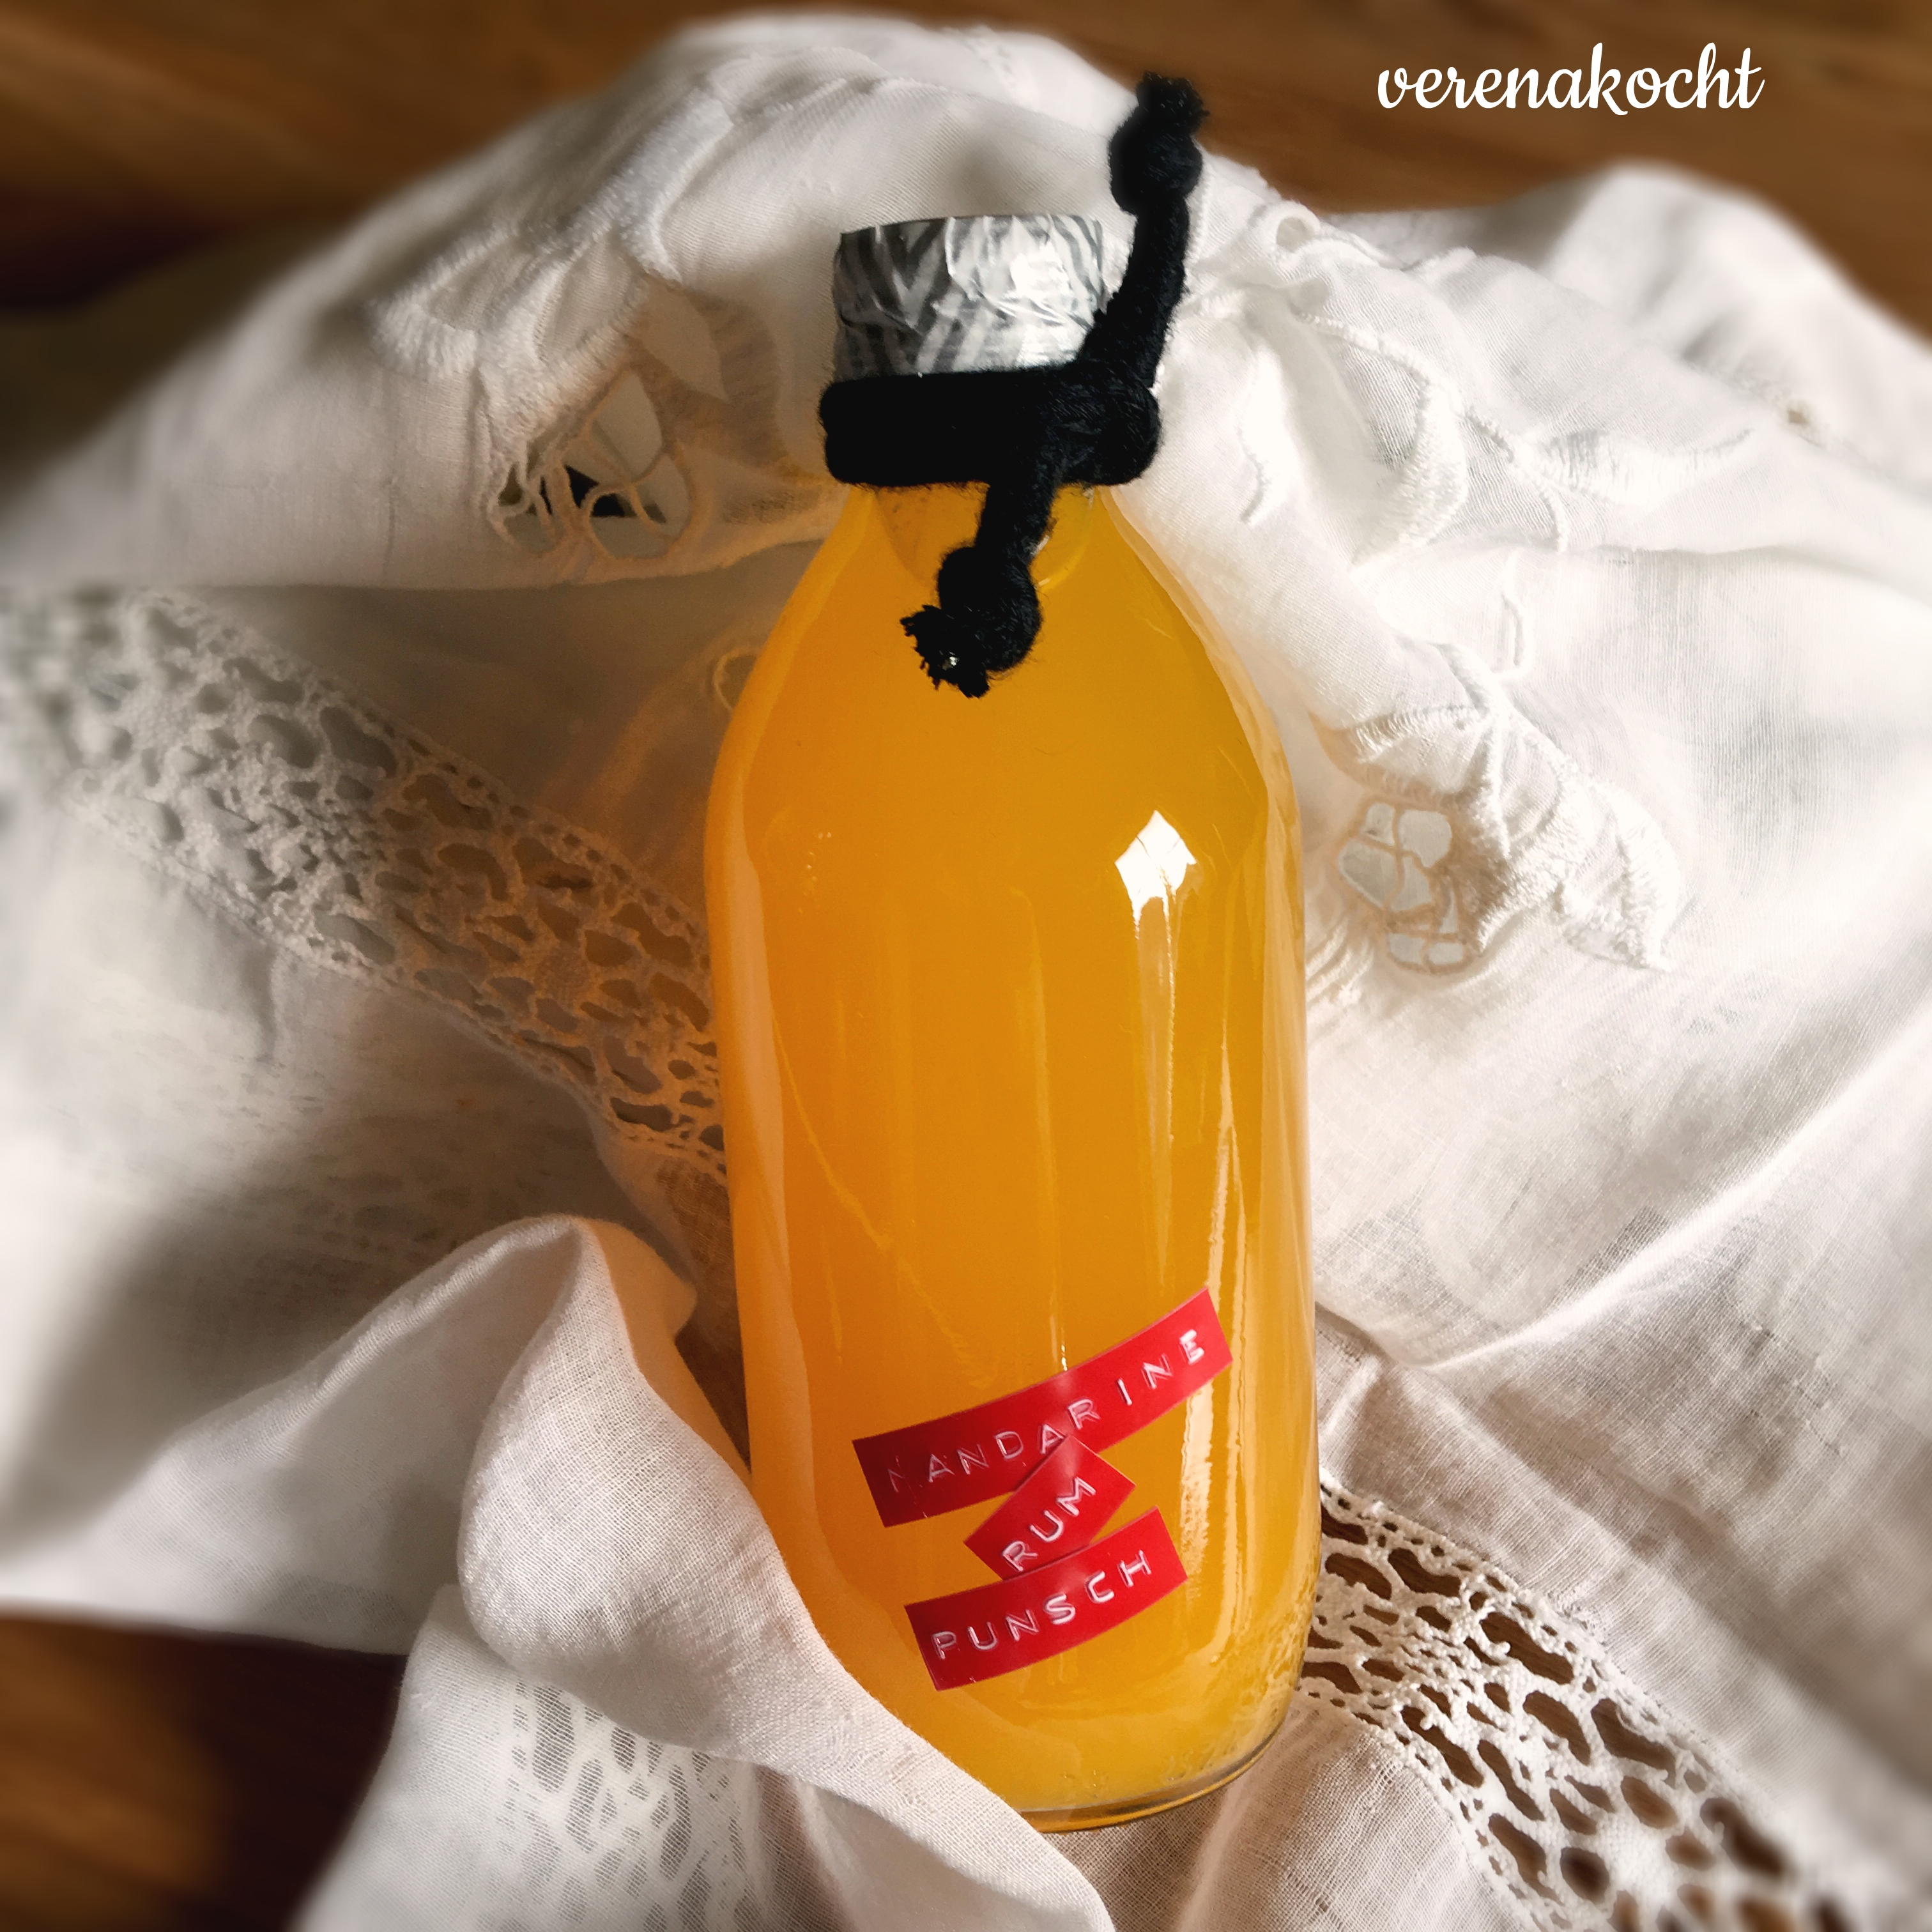 weihnachtlicher Mandarinen Punsch Likör (oder) Punsch am ...